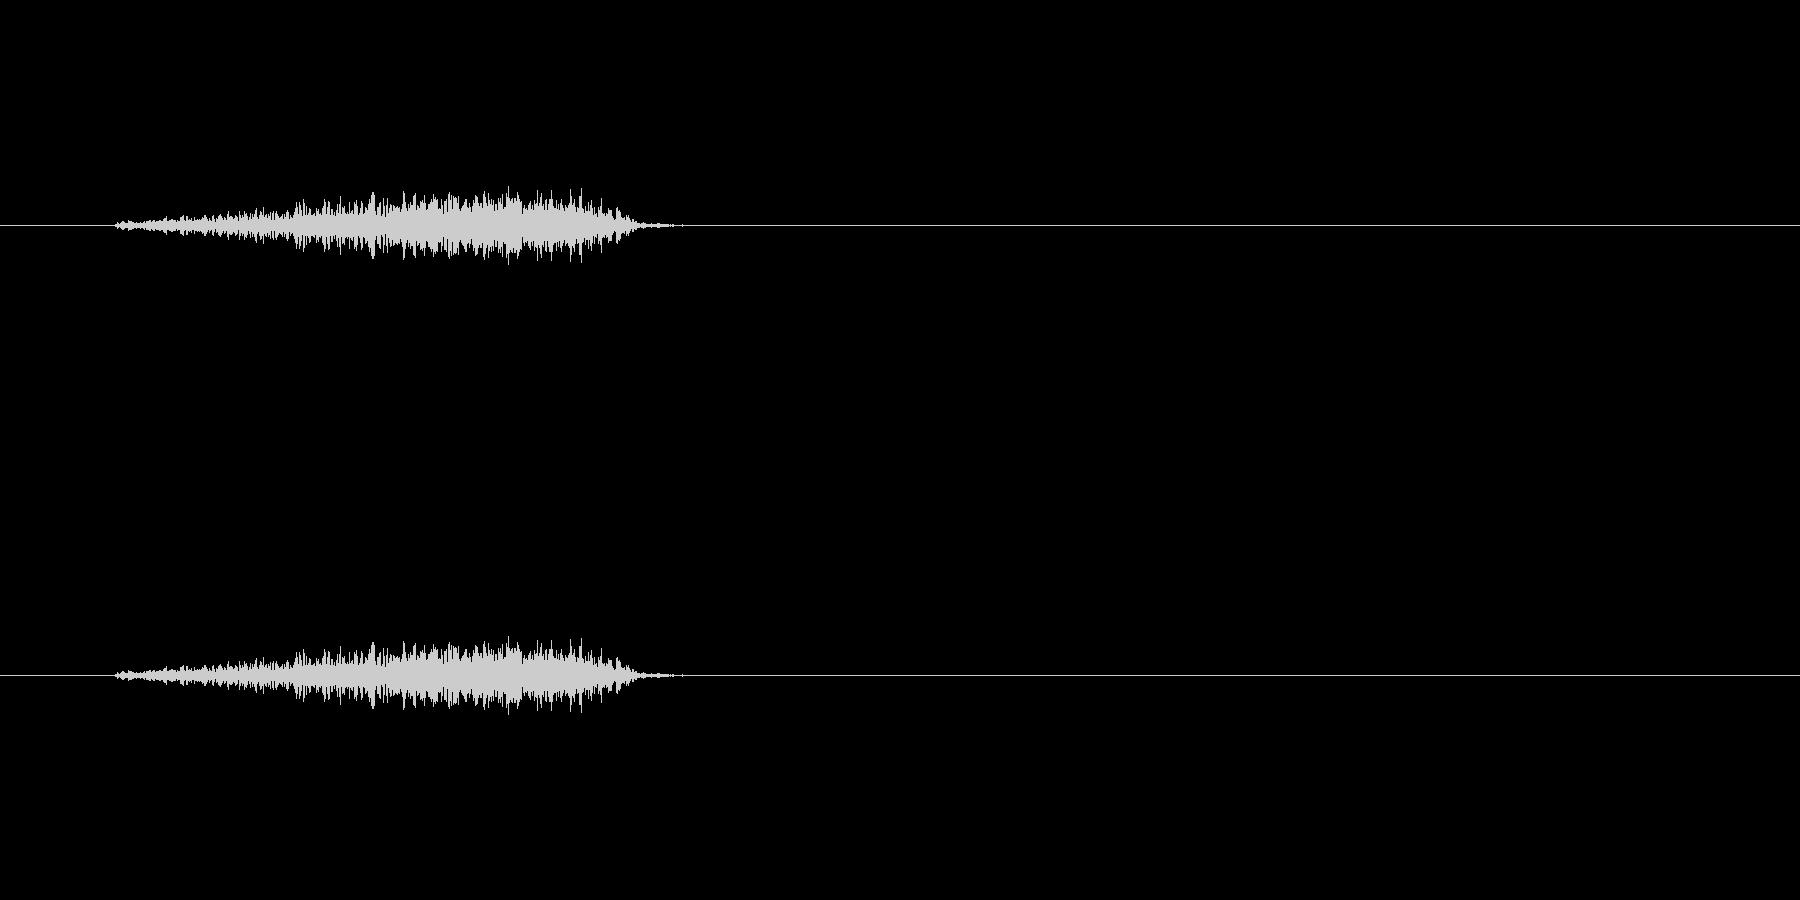 【フェルトペン01-1(直線)】の未再生の波形